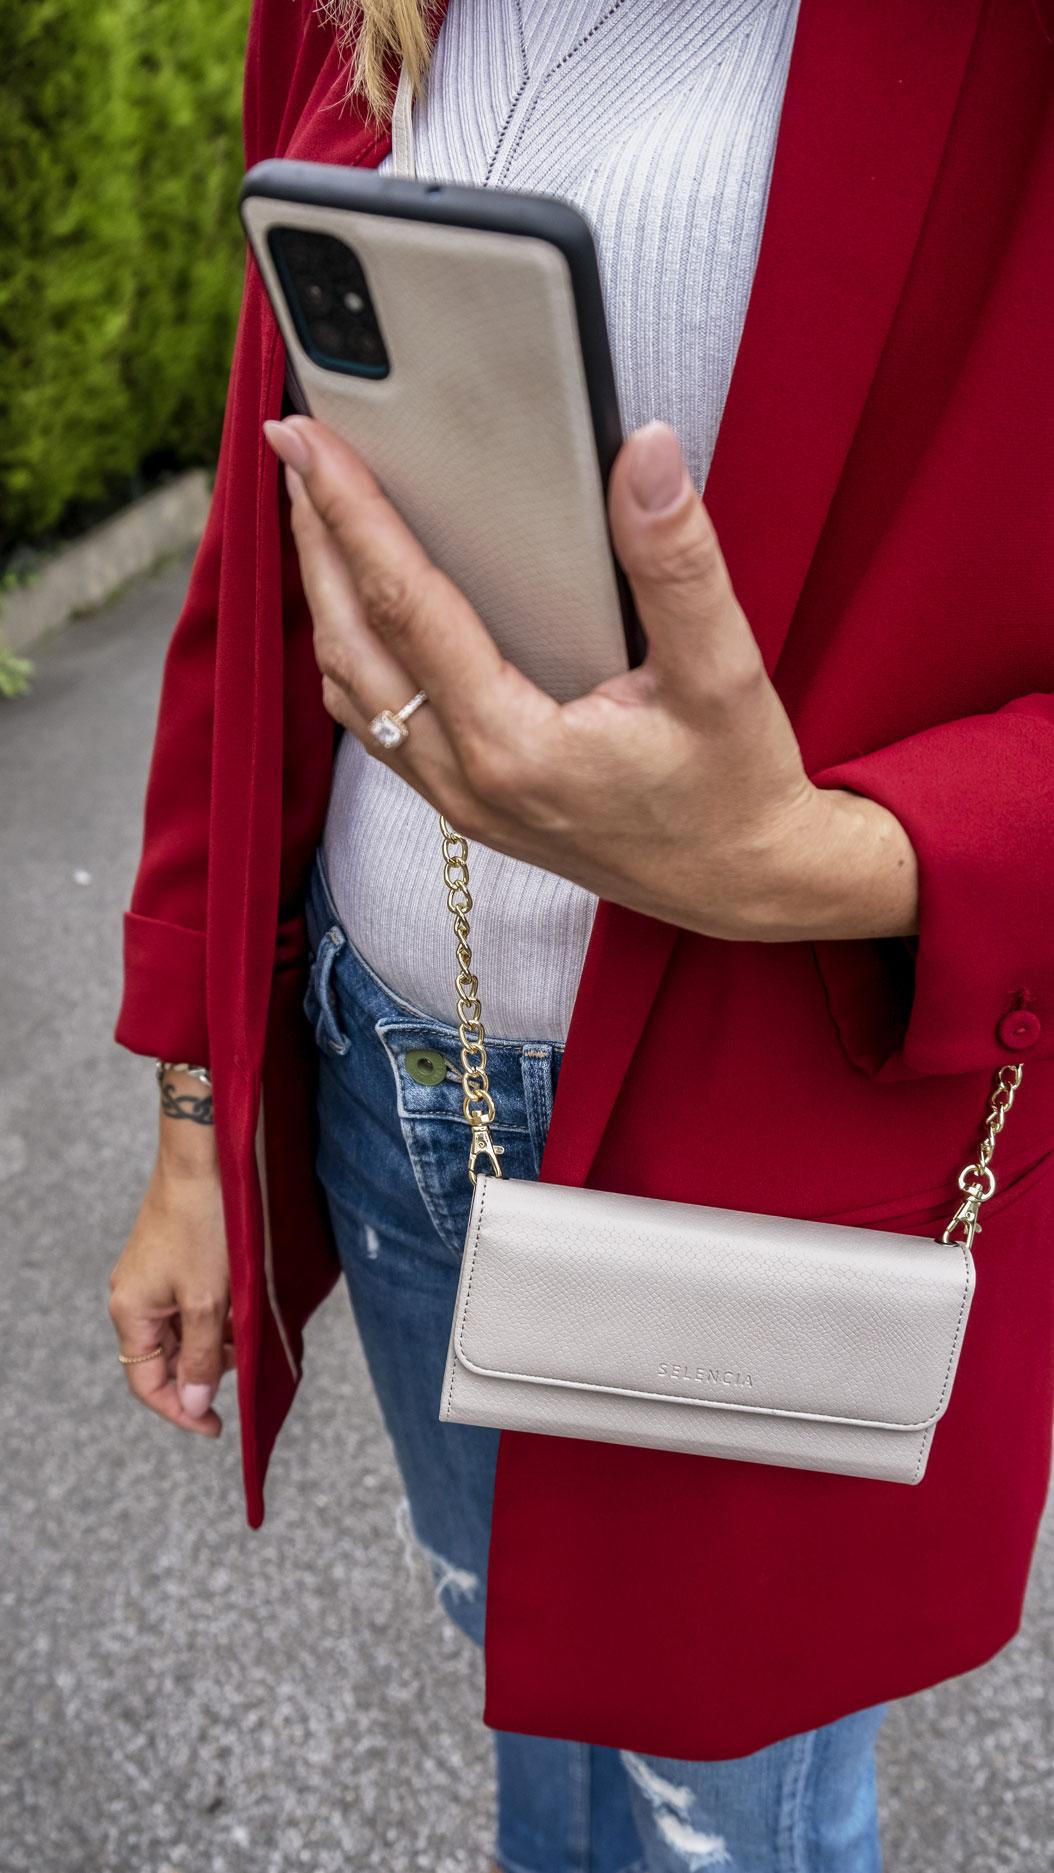 Wir alle lieben Mode: Dass ein Outfit allerdings bis ins kleinste Detail geplant sein sollte, steht vollkommen außer Frage! Für den letzten Schliff empfehlen sich in aller Regel Accessoires, die den Look optisch perfekt aufwerten, weshalb ich Euch heute mein persönliches Must Have vorstellen möchte. Die Snake Phone Clutch von Selencia. Ein Umhängecover zum Schockverlieben | Hot Port Life & Style | Mode & Lifestyle Blog aus Deutschland